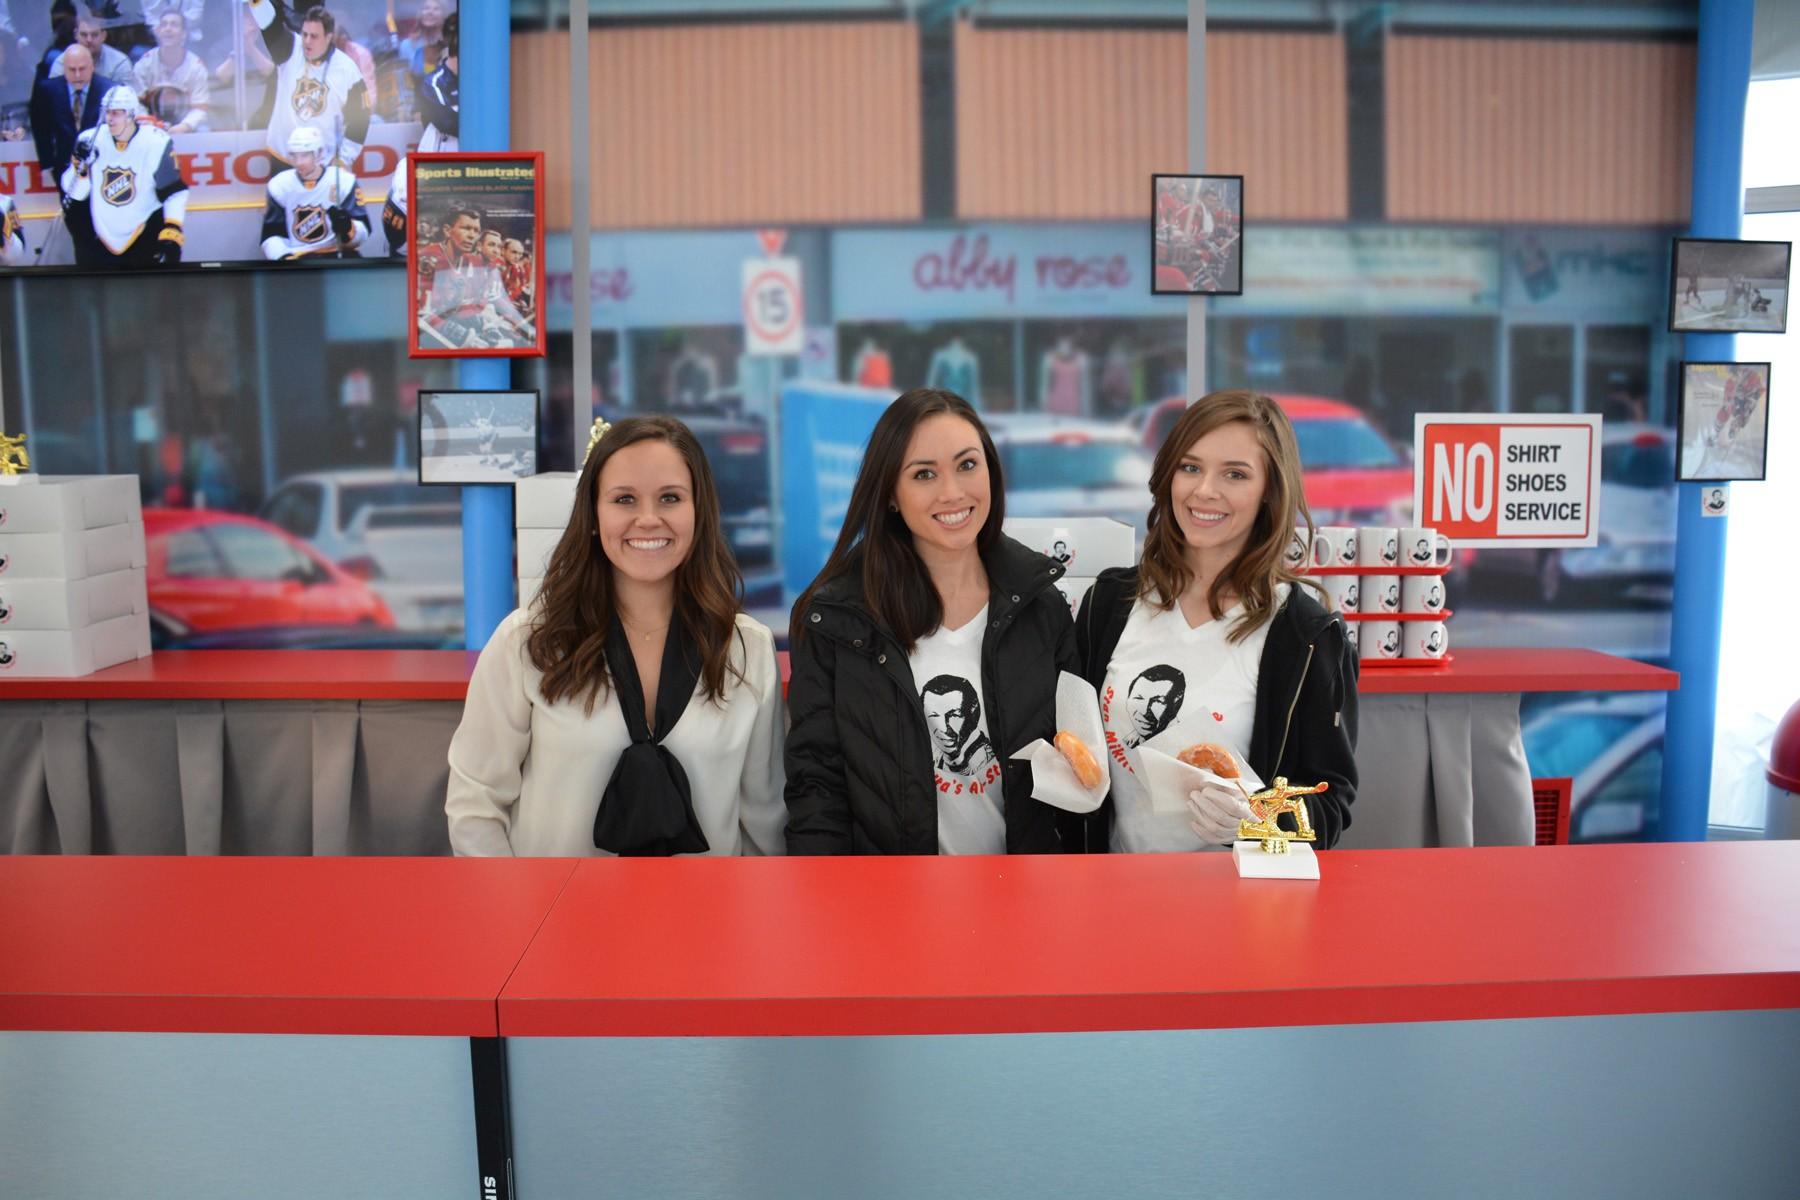 Stan_Mikita's_donut_stand_girls - 1